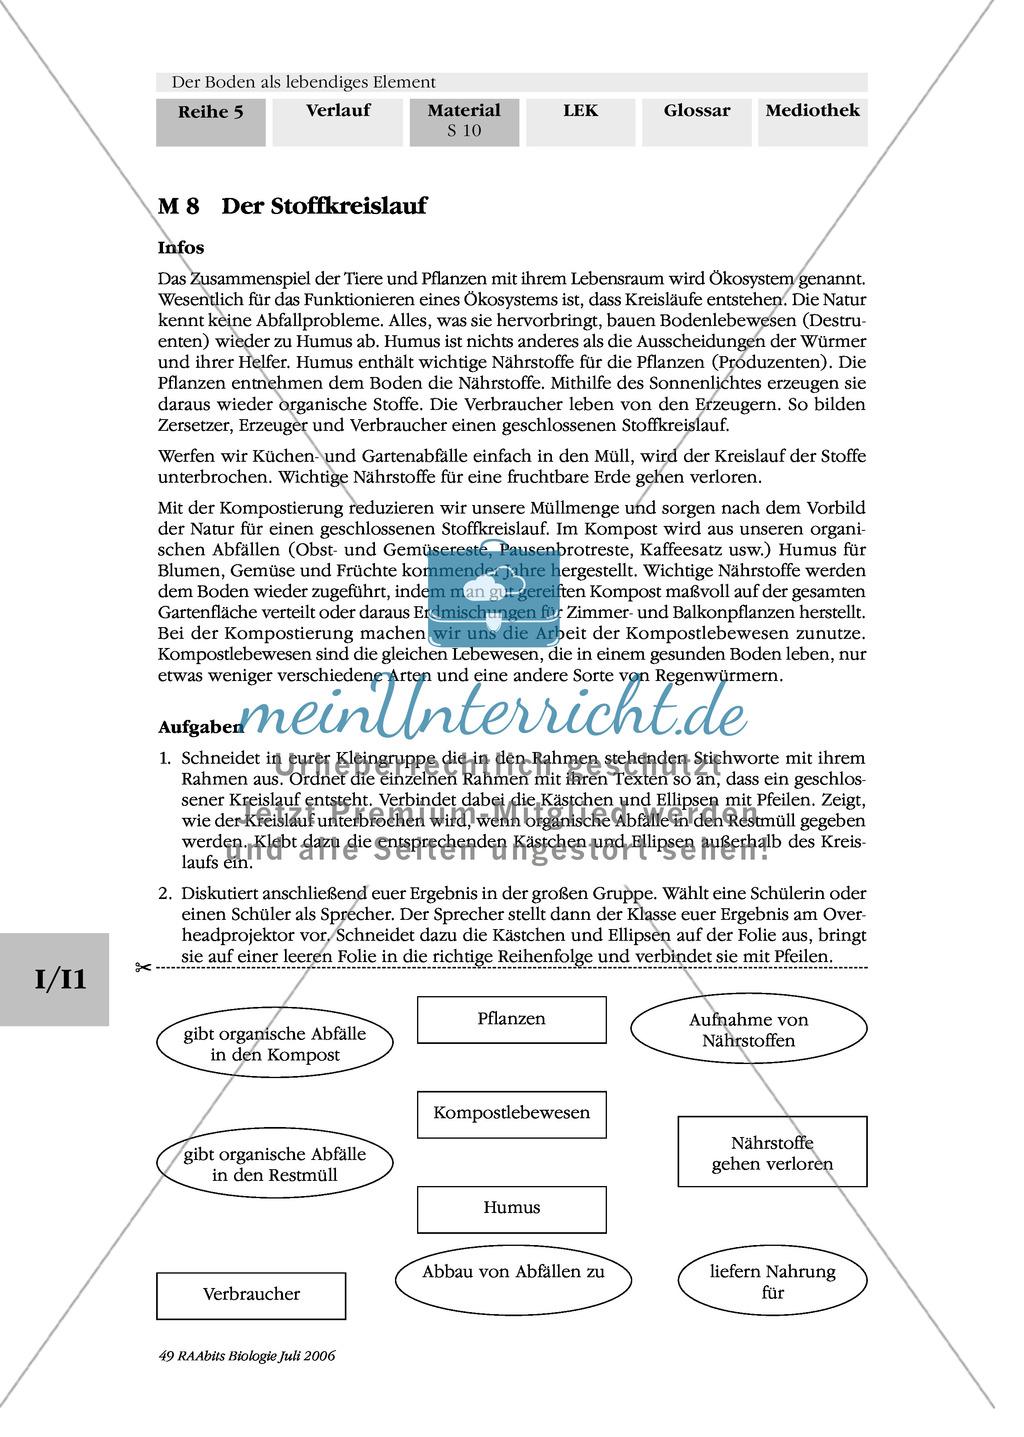 Ansetzen, Entstehung und Pflege des Komposts: Stoffkreislauf, Text Preview 2